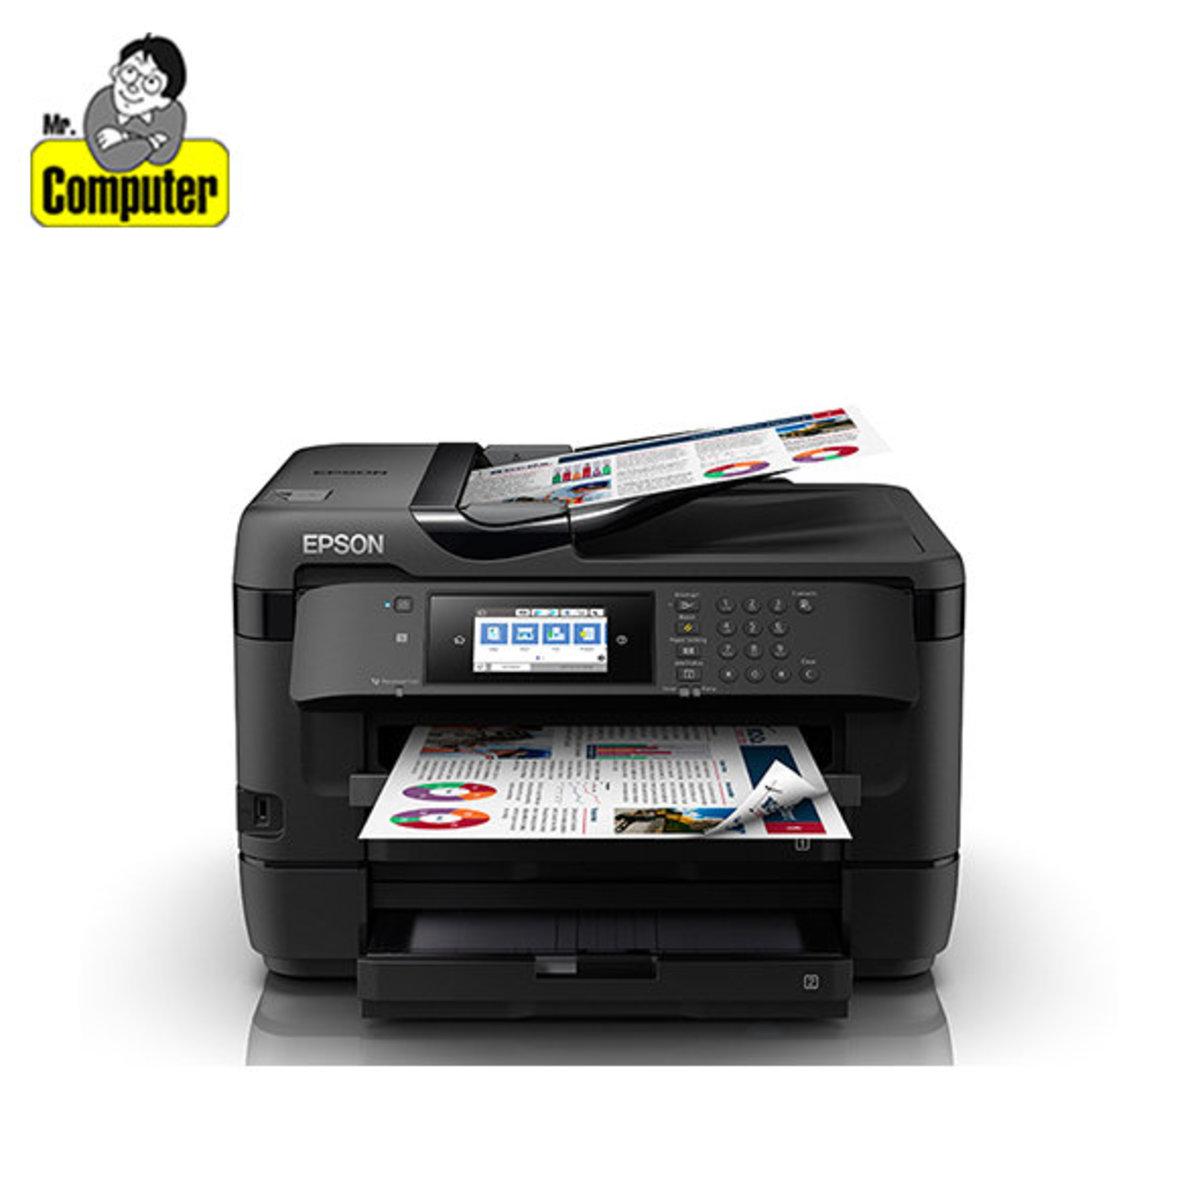 Epson WorkForce WF-7721 A3+ Color Inkjet Printer